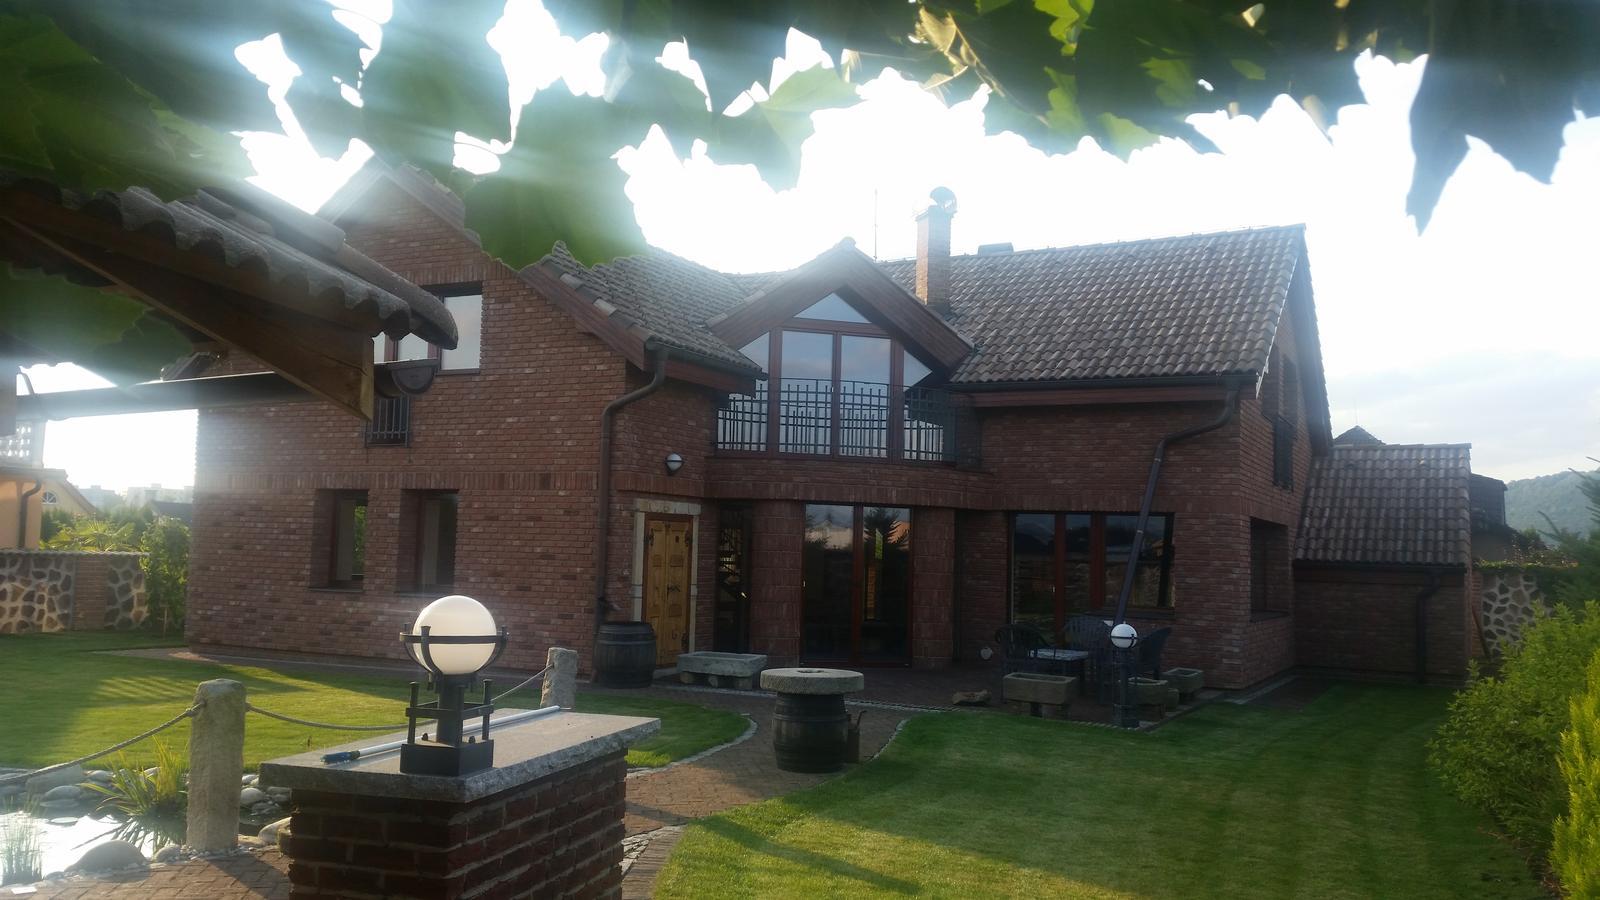 Exterier zahrada - Fasada dolepena, zafugovana...☺